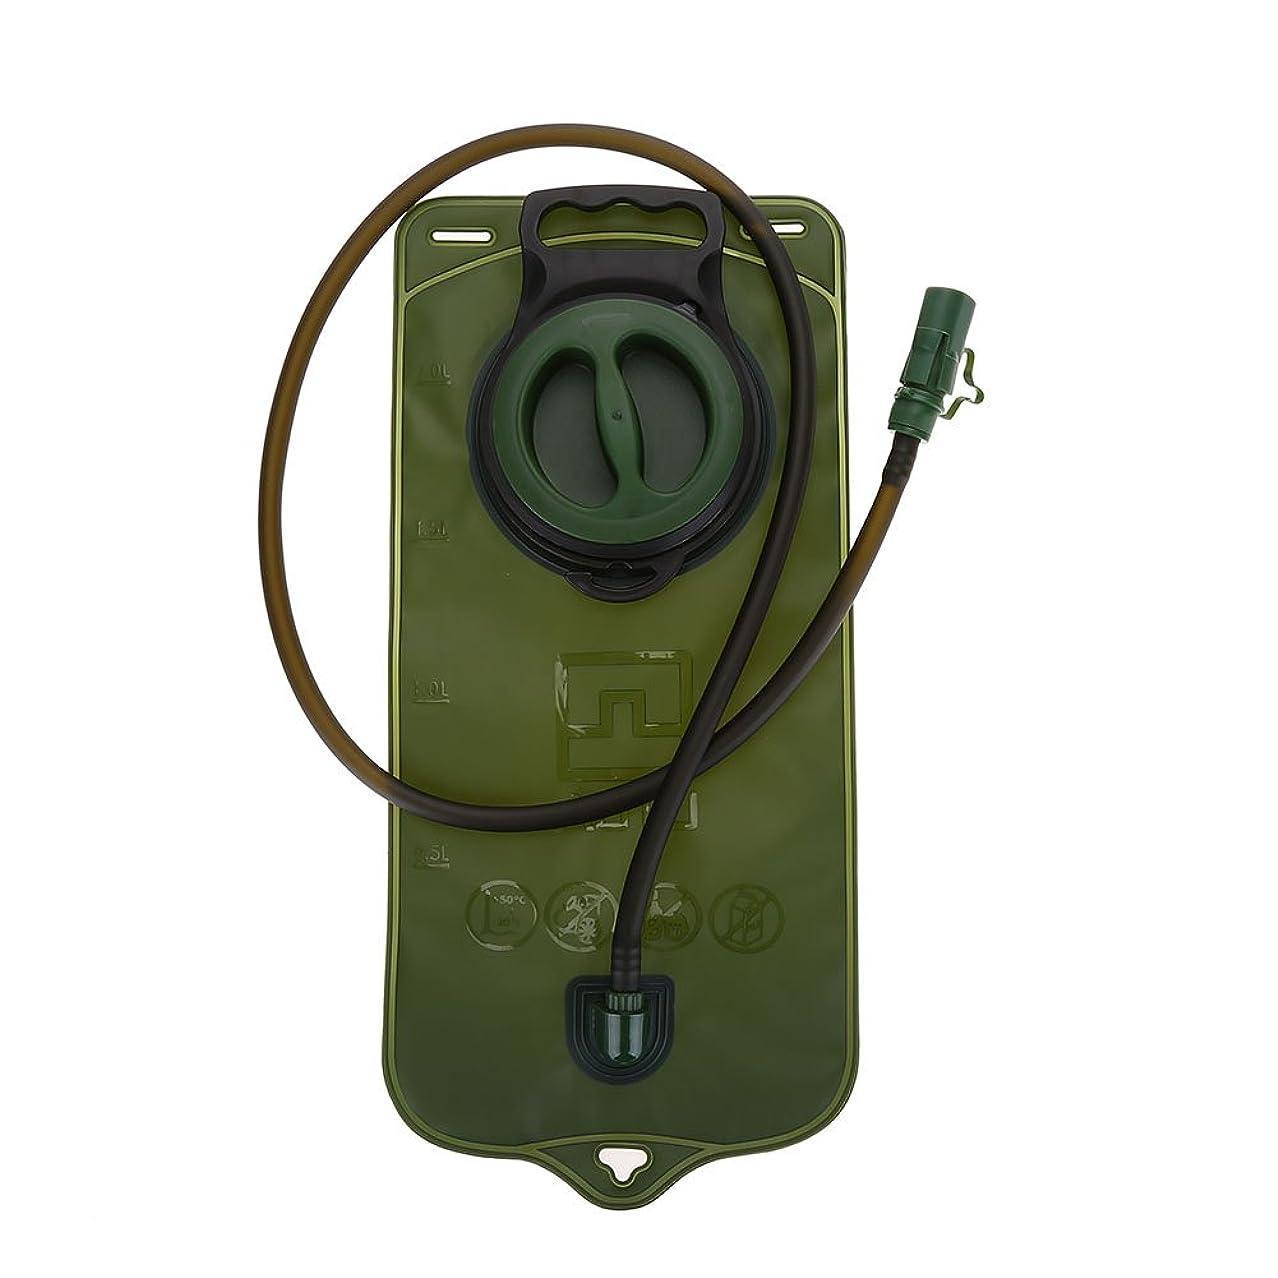 オープニングアルプス毛皮ハイドレーションシステム 2L 無毒無臭 食品グレード材料 水分補給 使用簡単 携帯便利 ランニング サイクリング キャンプ ハイキング クライミング 防災用 ウォーターバッグ